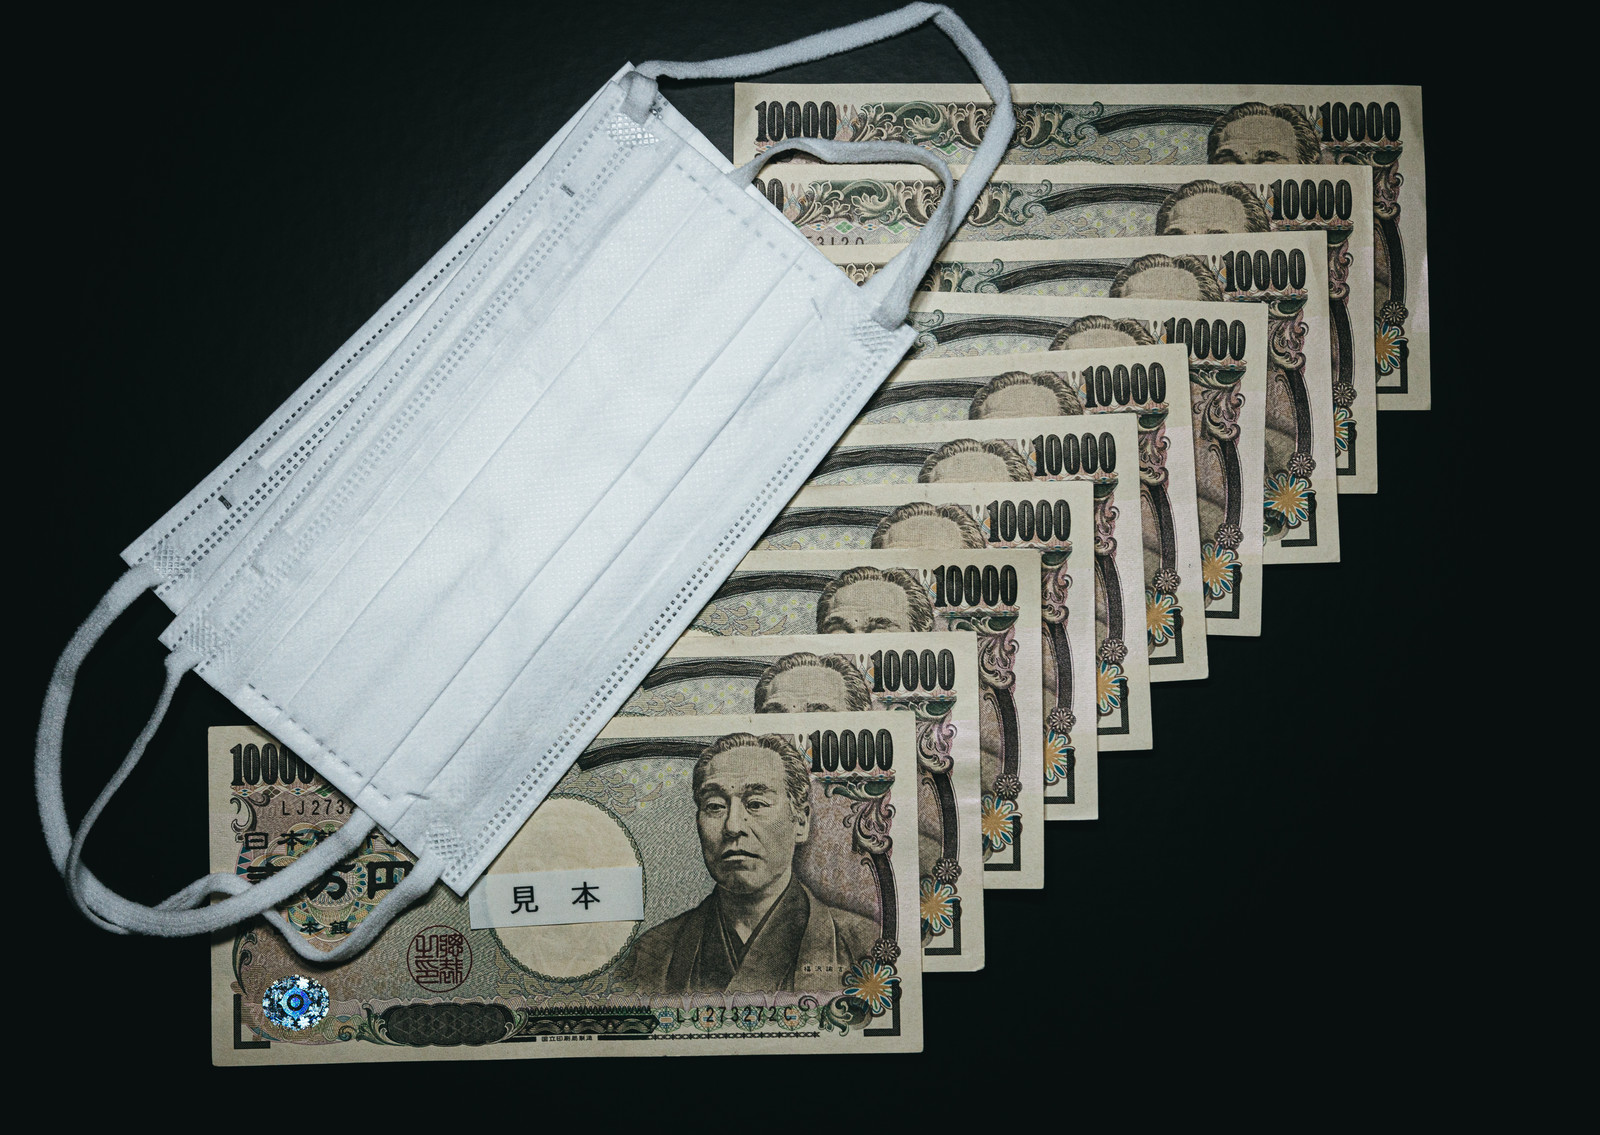 10万円給付金の使い道、、、個人的意見